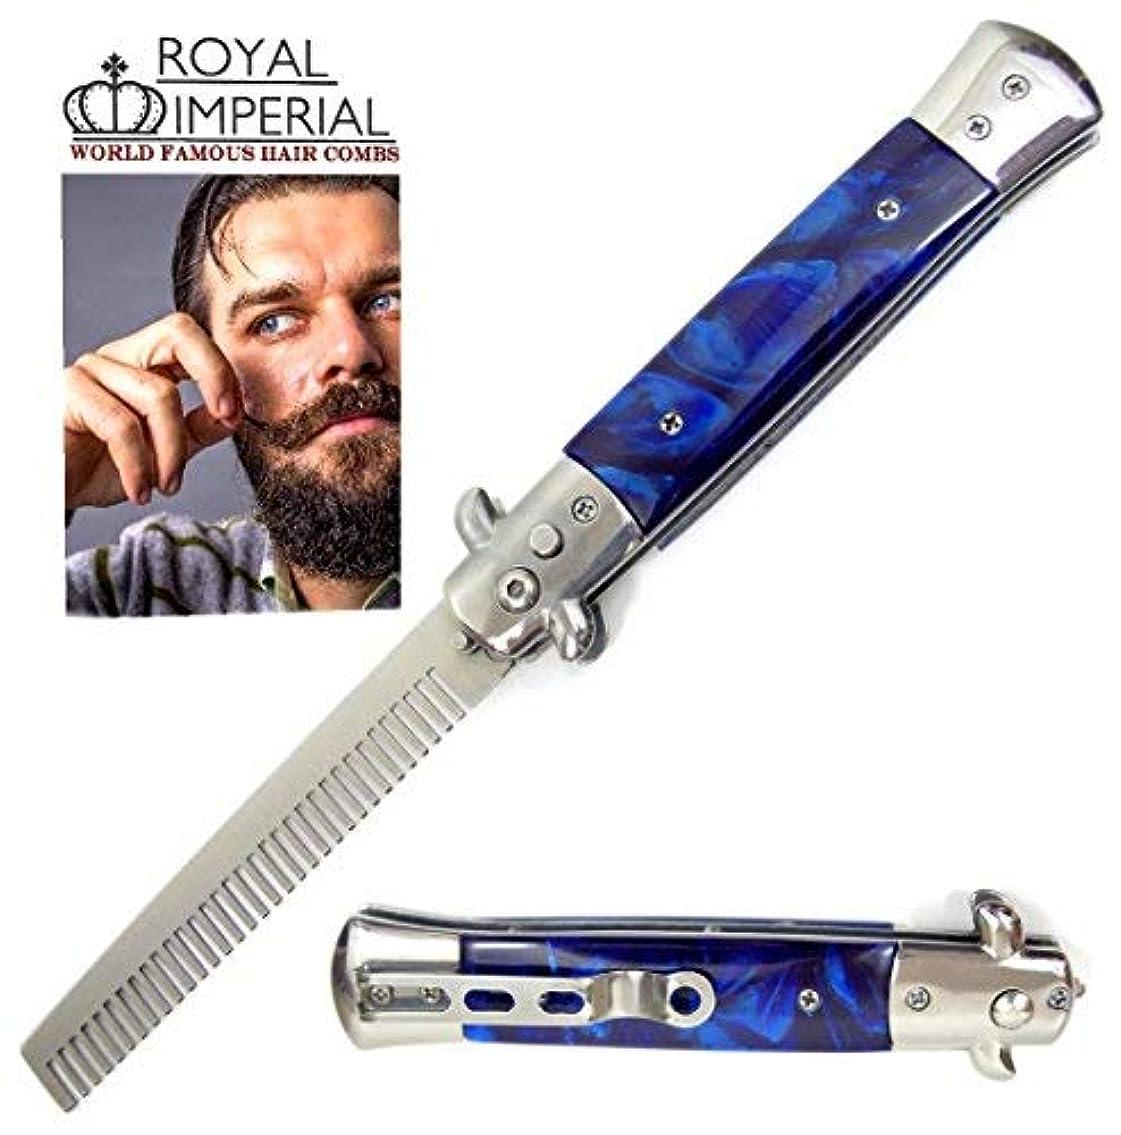 帝国主義助けになるペルメルRoyal Imperial Metal Switchblade Pocket Folding Flick Hair Comb For Beard, Mustache, Head BLUE CYCLONE Handle...